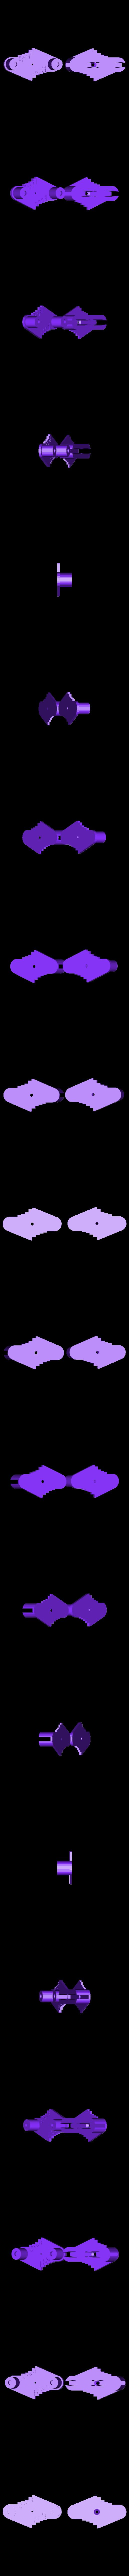 Rockler-Type_Center-Offset_Marking_Tool_All.stl Télécharger fichier STL gratuit Outil de marquage à décalage central de type Rockler (mm métrique) - avec aimants • Design imprimable en 3D, HowardB